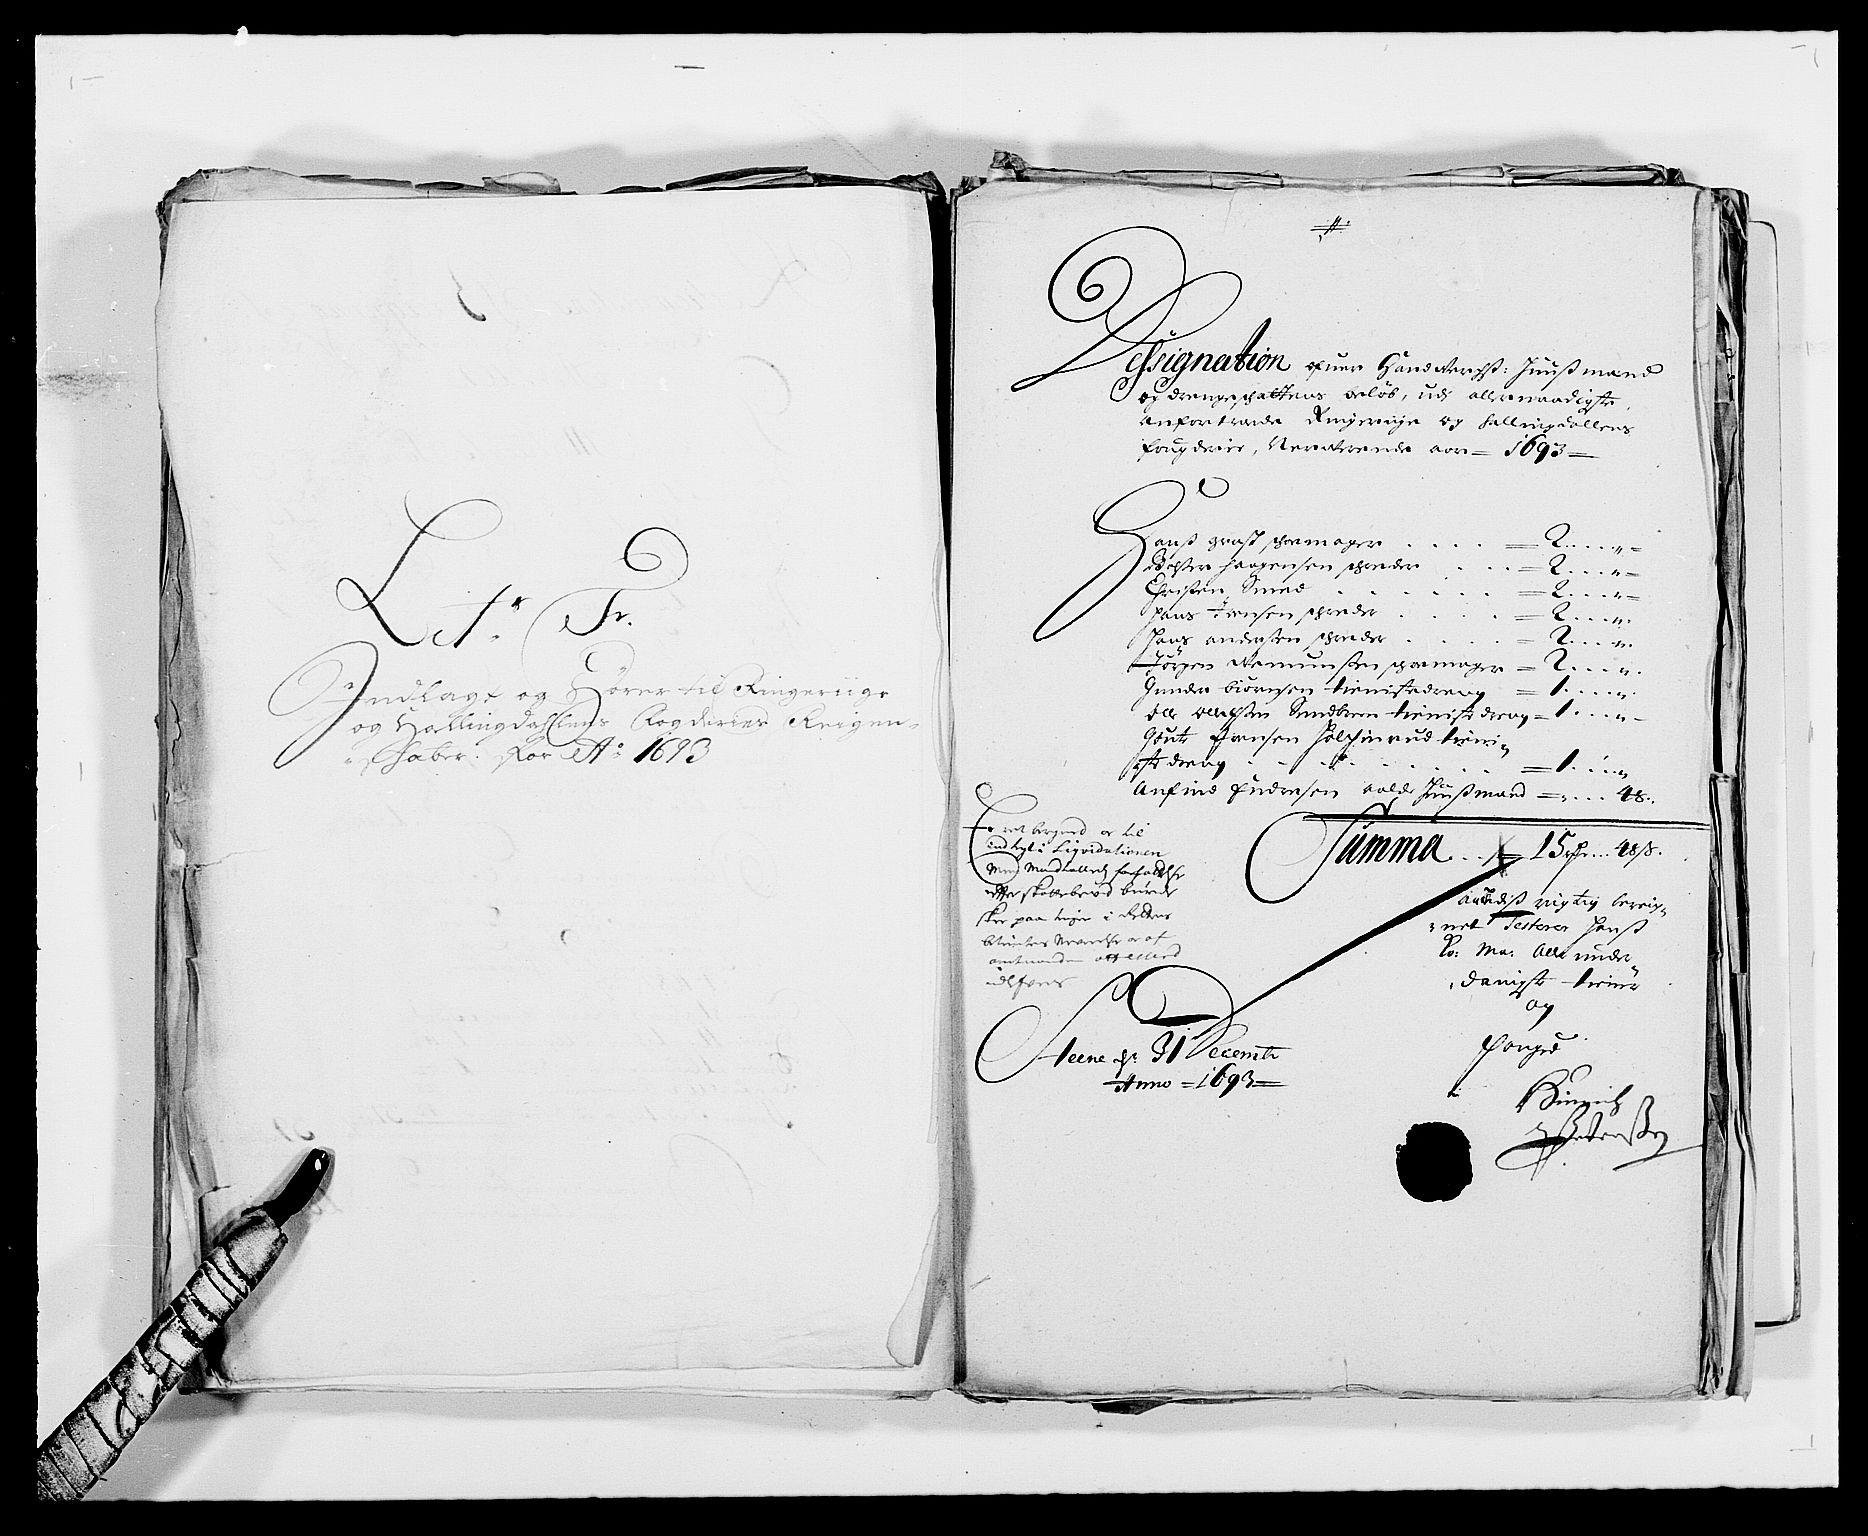 RA, Rentekammeret inntil 1814, Reviderte regnskaper, Fogderegnskap, R21/L1450: Fogderegnskap Ringerike og Hallingdal, 1693, s. 107